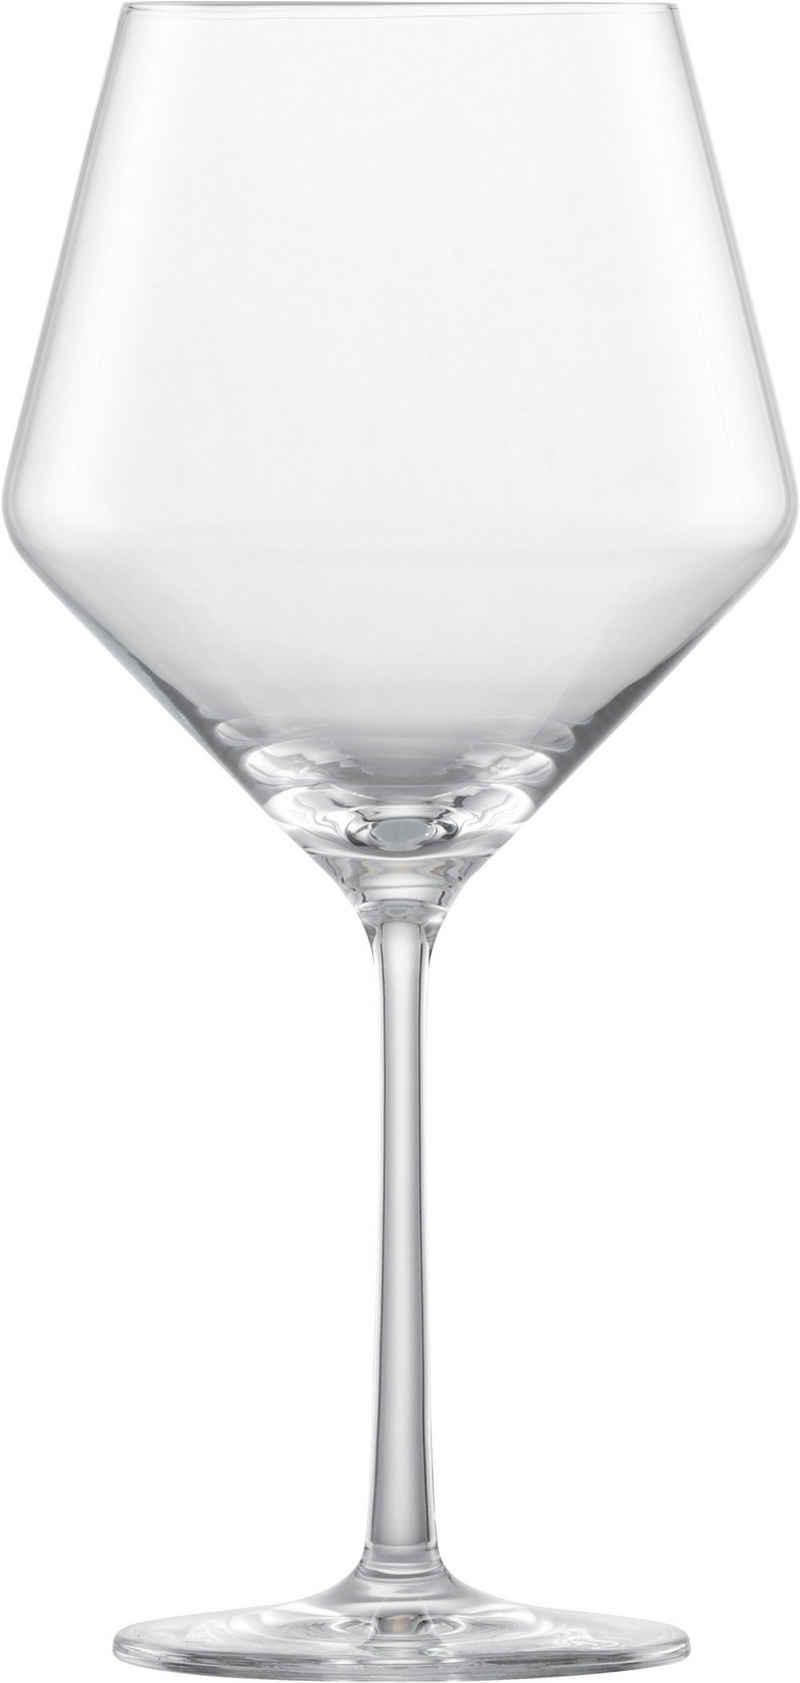 Zwiesel Glas Weinglas »Pure Burgunderpokal 112421 6er Set«, Kristallglas